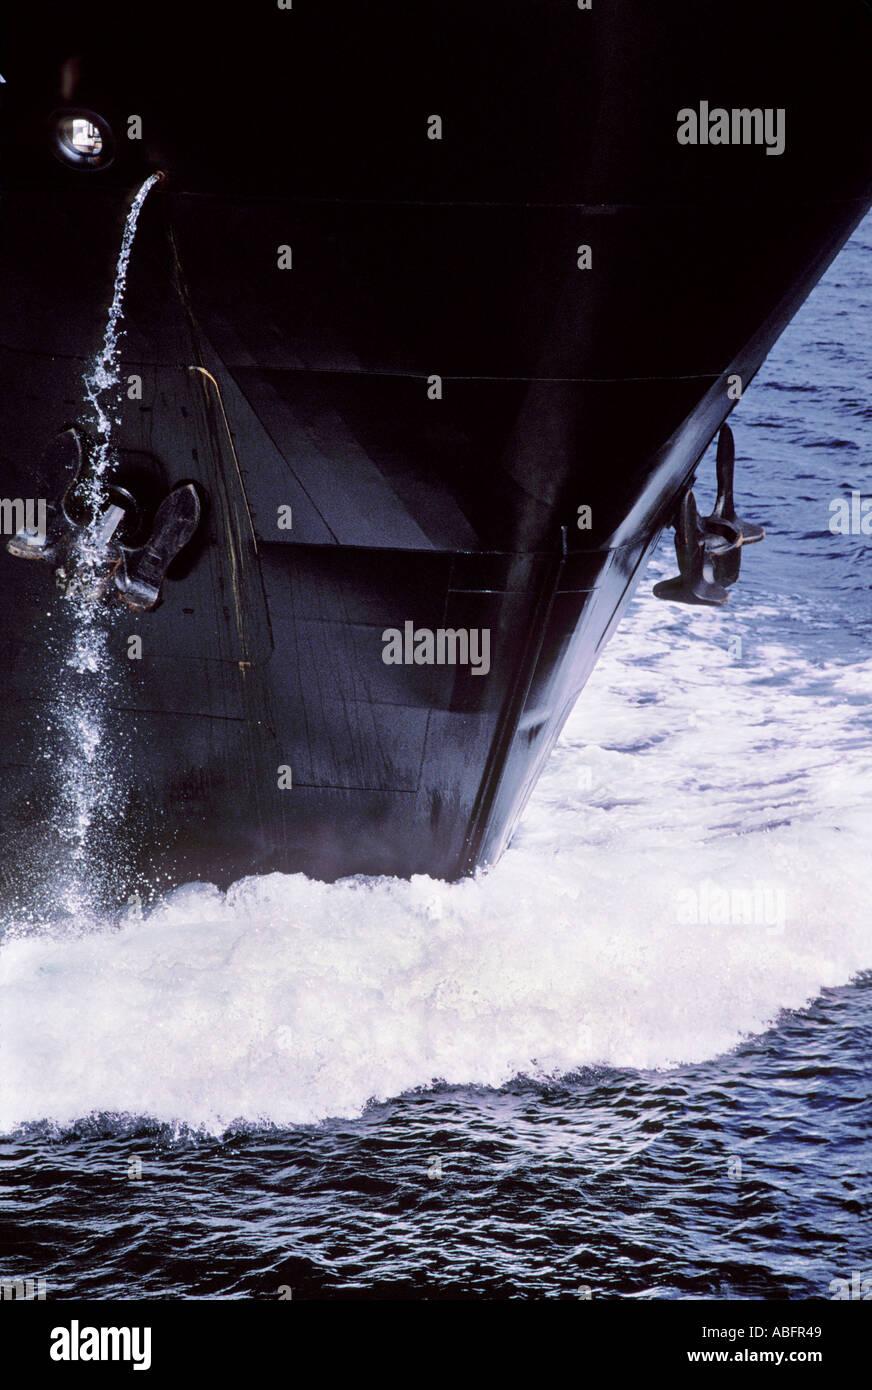 La proa de un carguero es visto de cerca en un ángulo de 45 grados Imagen De Stock